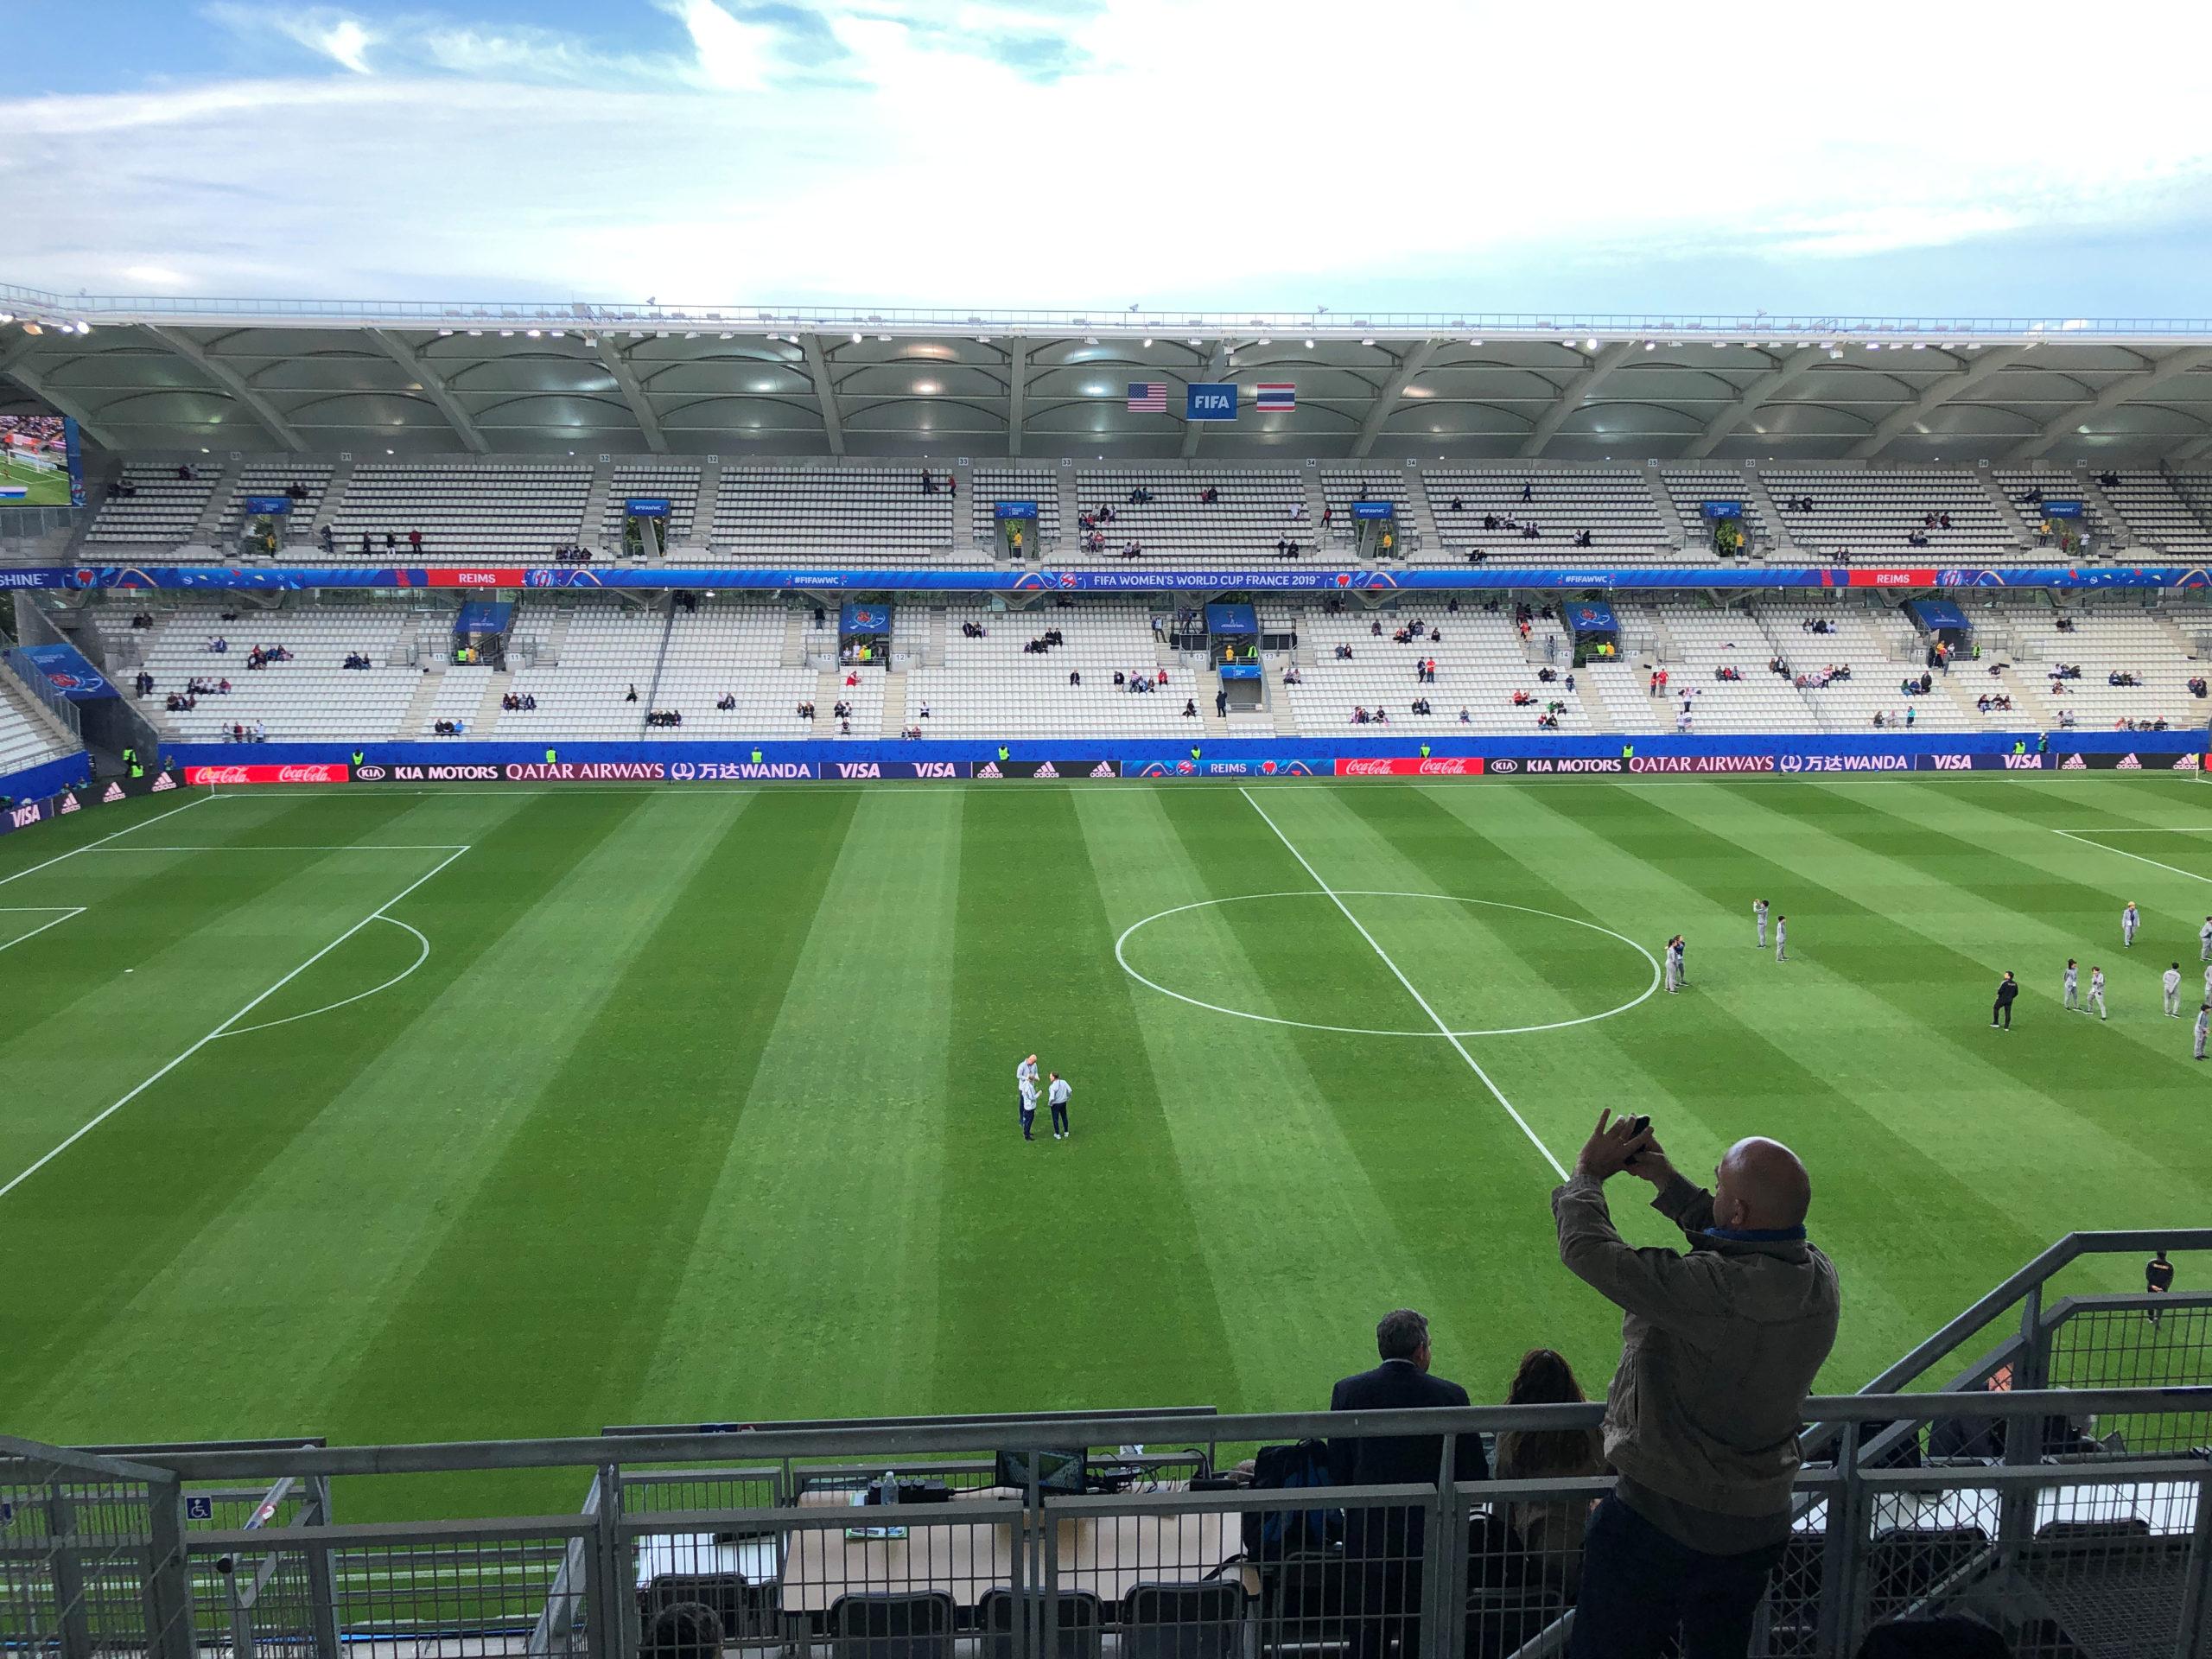 Les stades restent limités à 5.000 spectateurs, des dérogations possibles